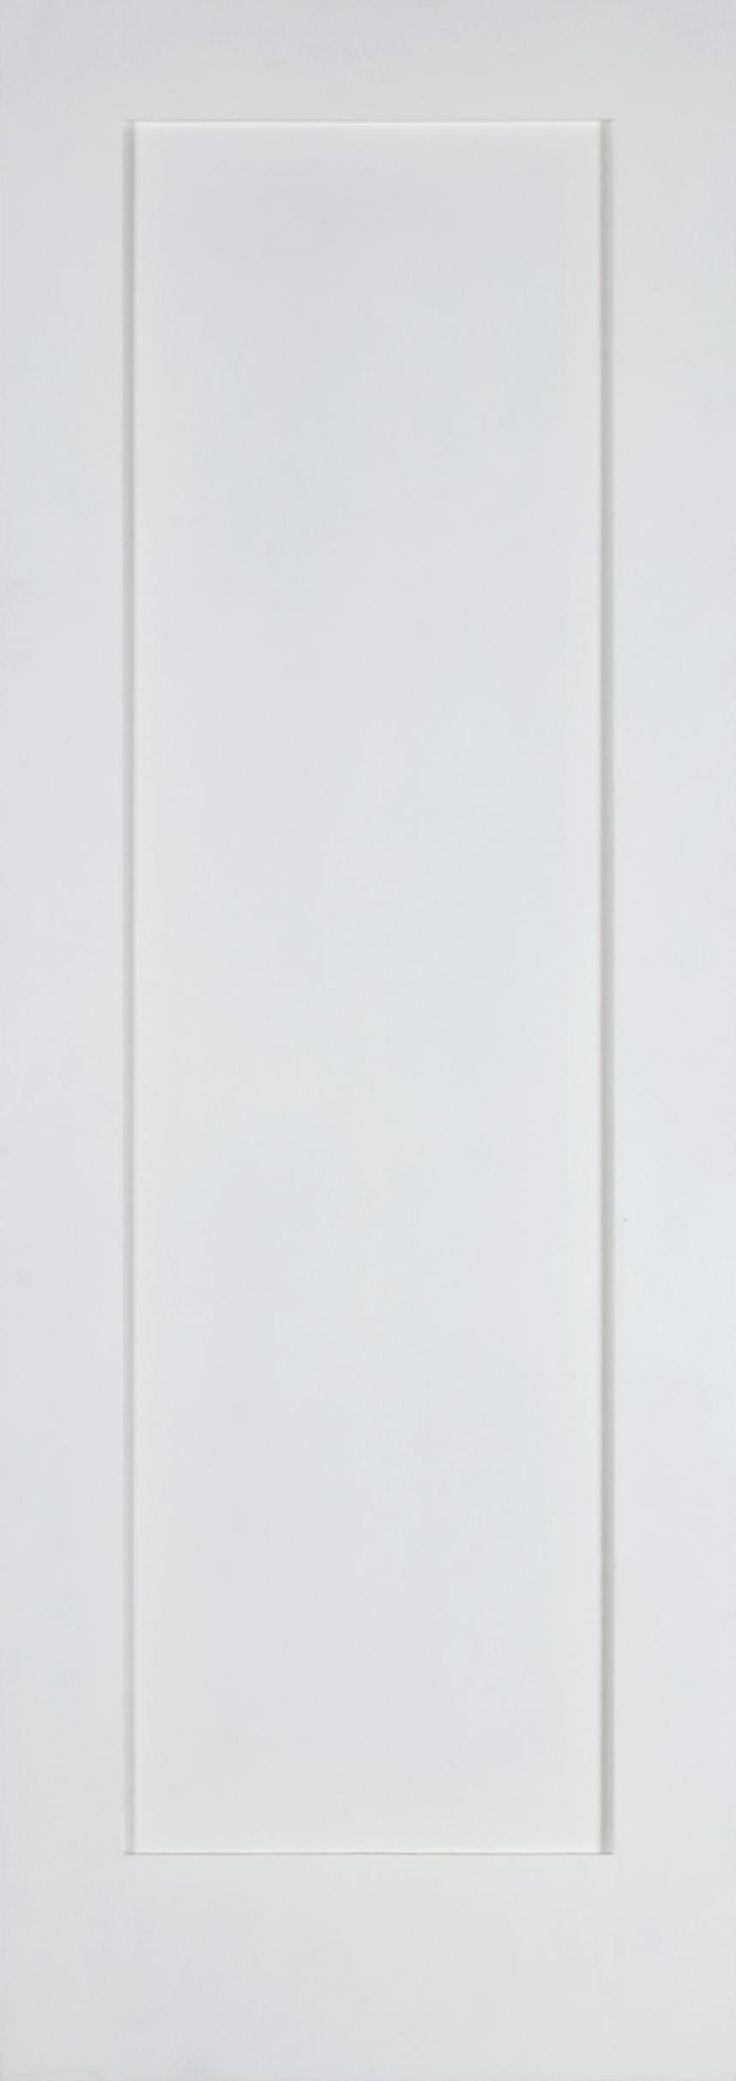 1 Panel Shaker Square Top Primed Door :: Interior Solid Primed Doors :: Interior Doors and Exterior Doors | Mahogany Doors | Online Door Store